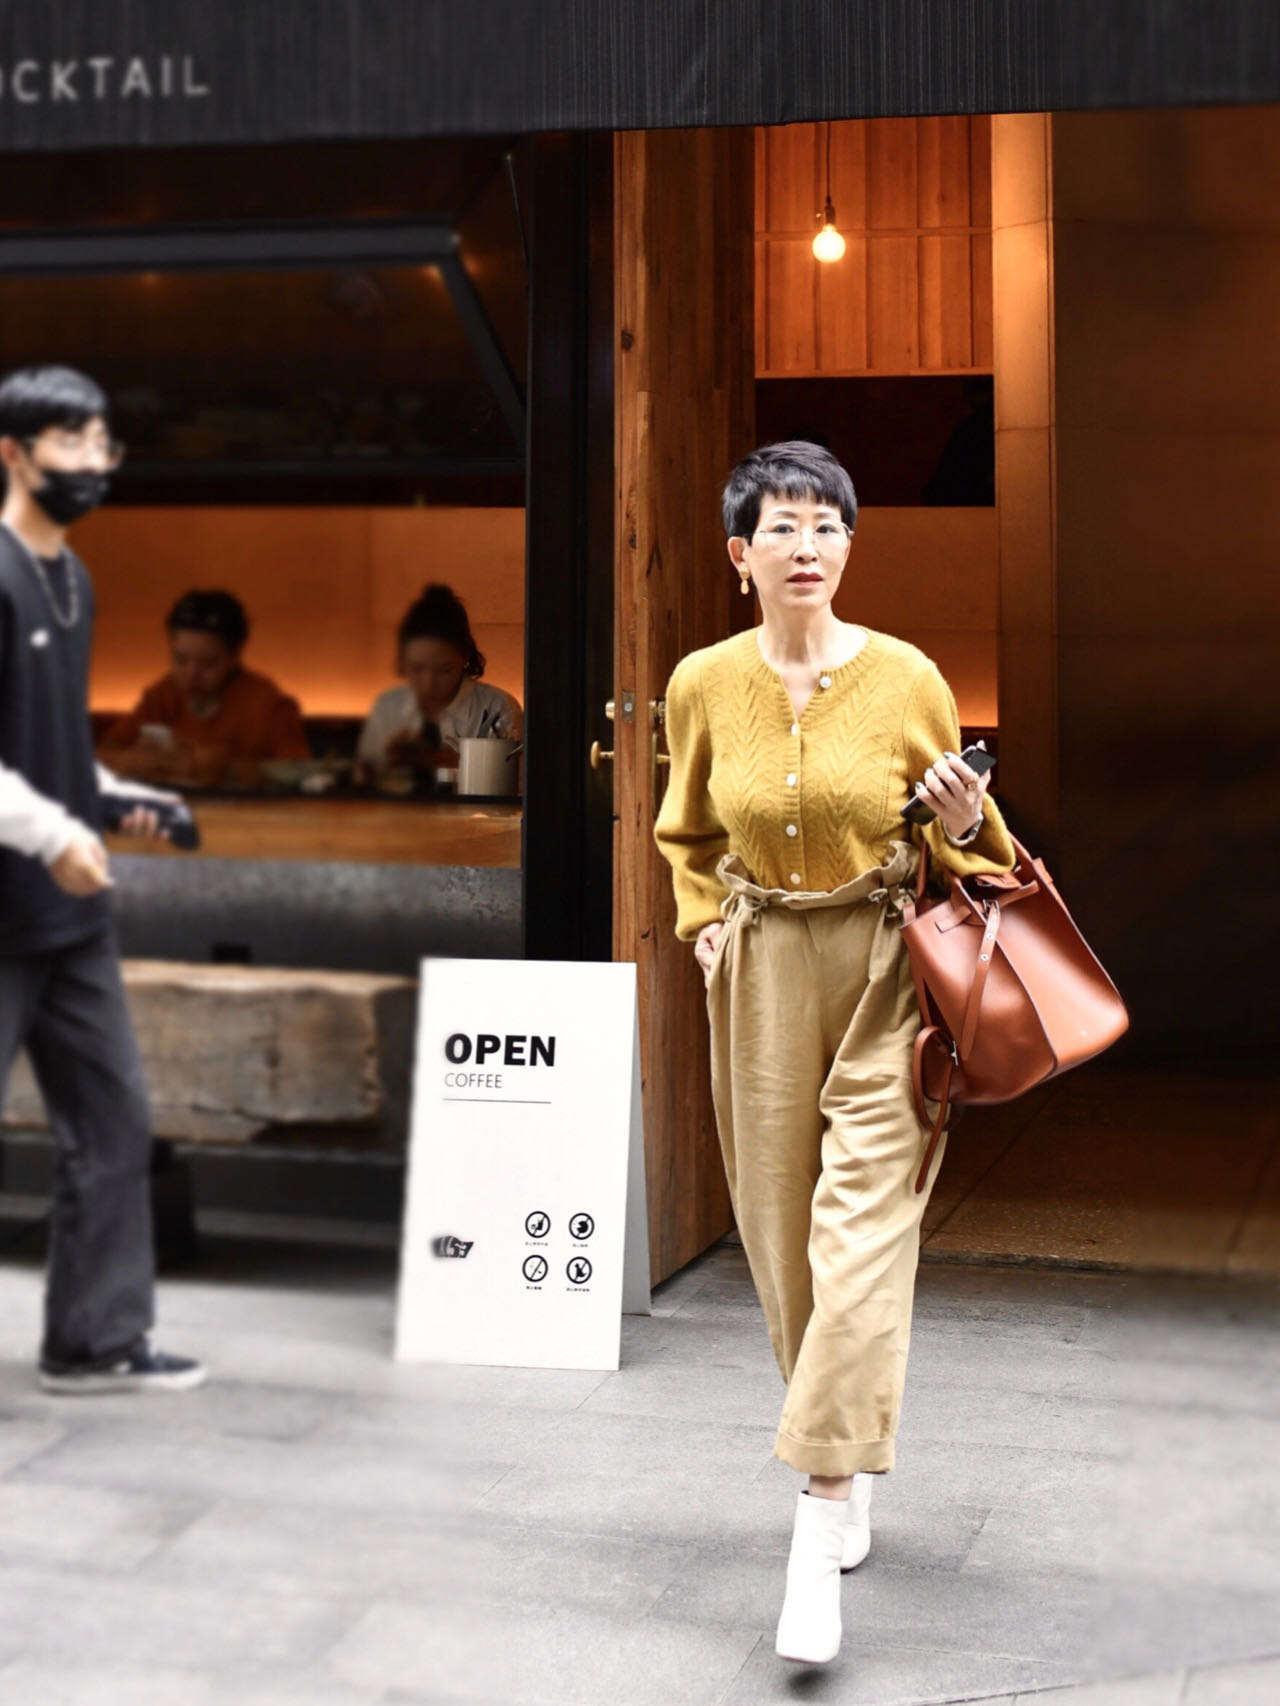 年过50岁的女性,不要穿着一身黑,春日穿这组配色,气质时髦